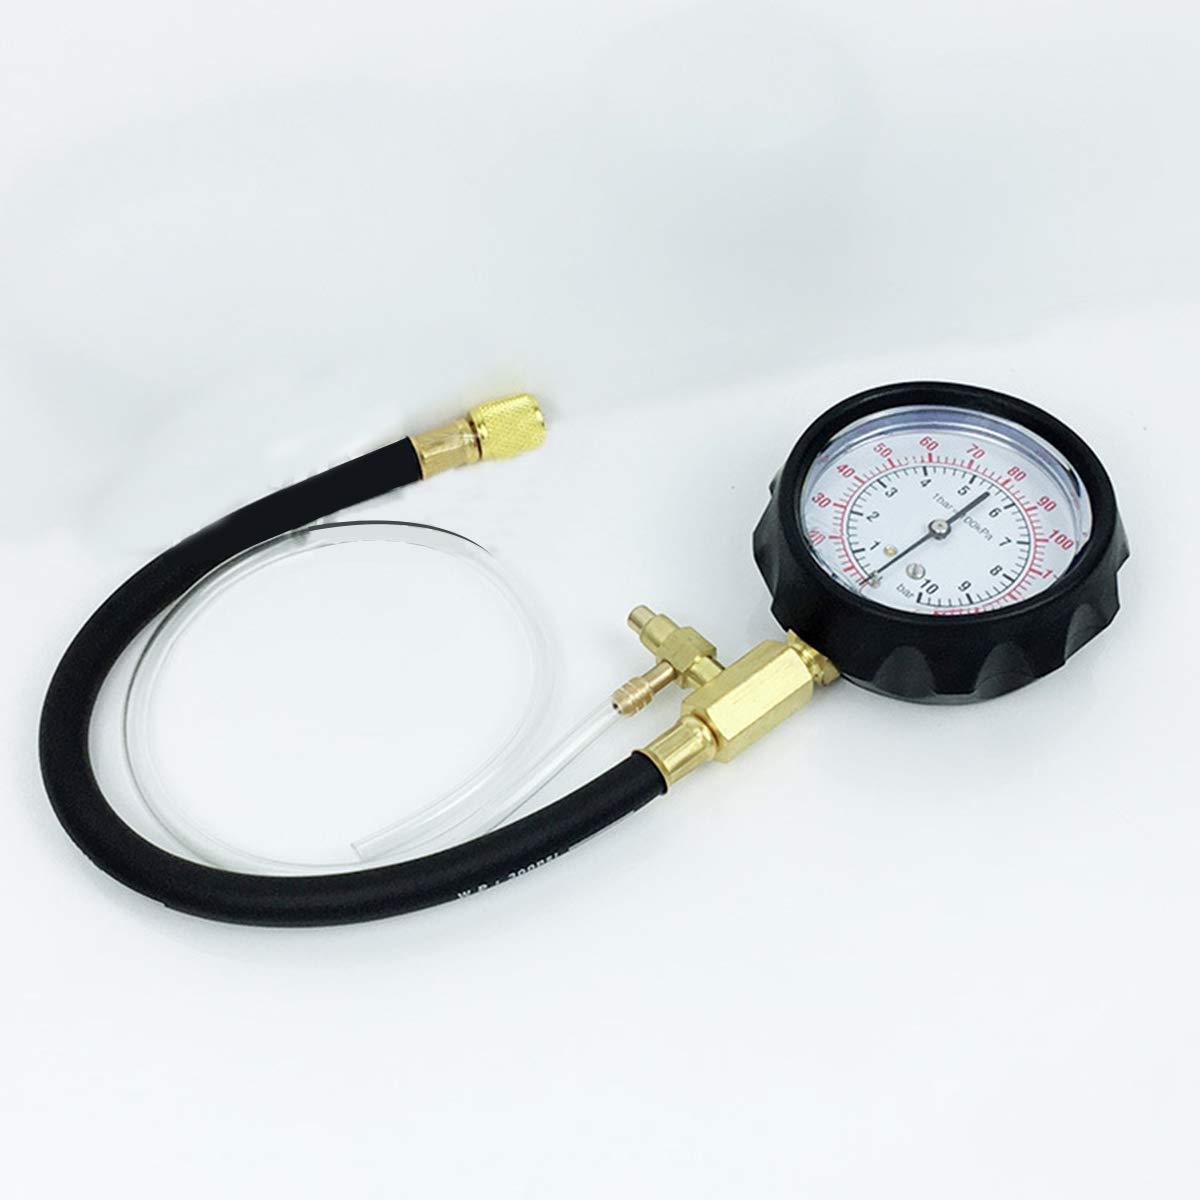 V/éhicules Manom/ètre Manom/ètre Syst/ème Pompe dinjection de Carburant Injecteur Outil de Diagnostic Pompe /à Carburant Testeur de Pression